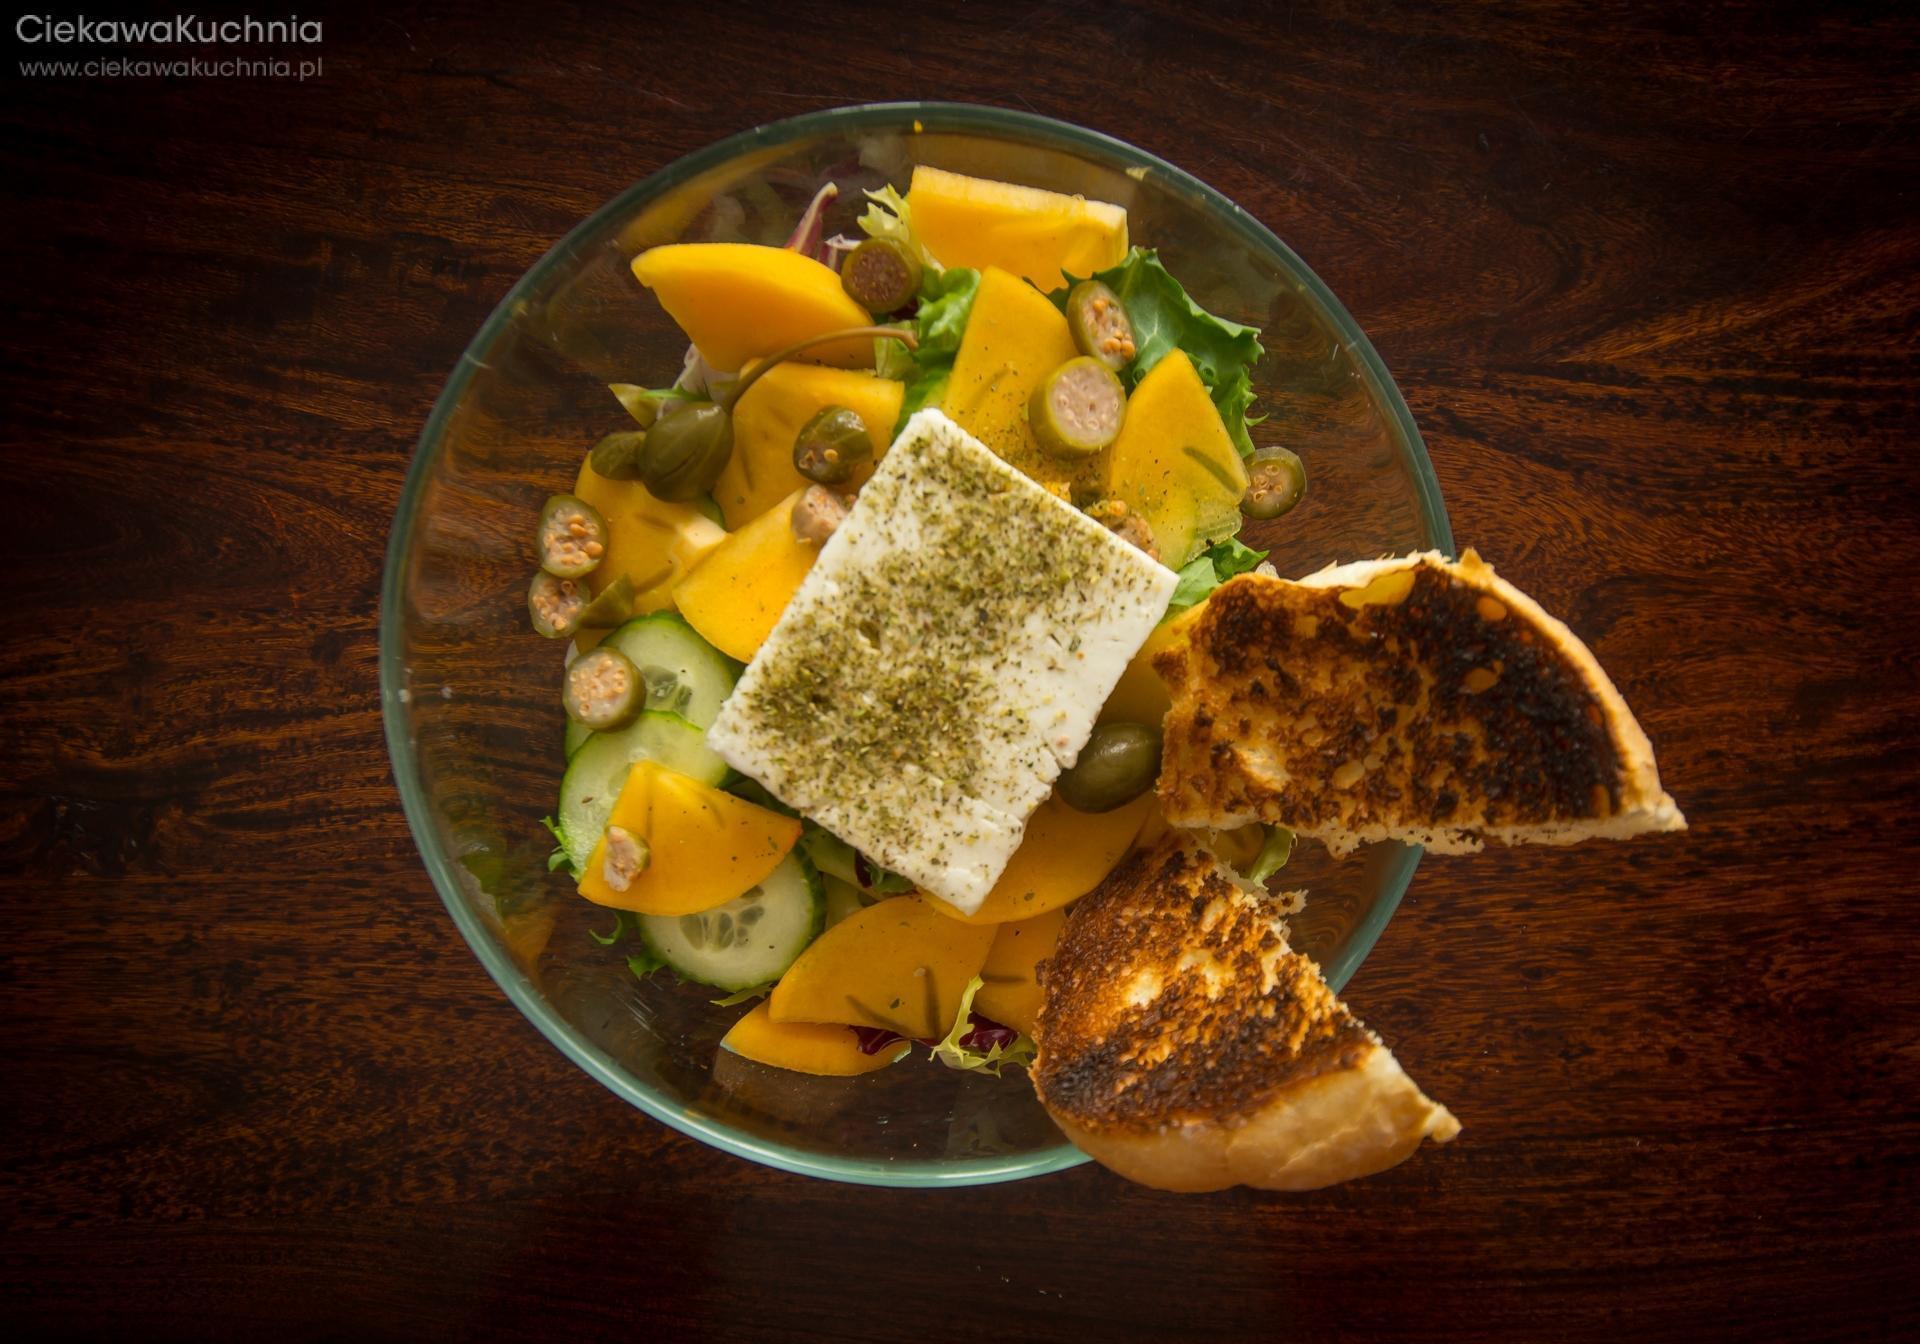 Sałatka z fetą, persymoną i owocami kaparu